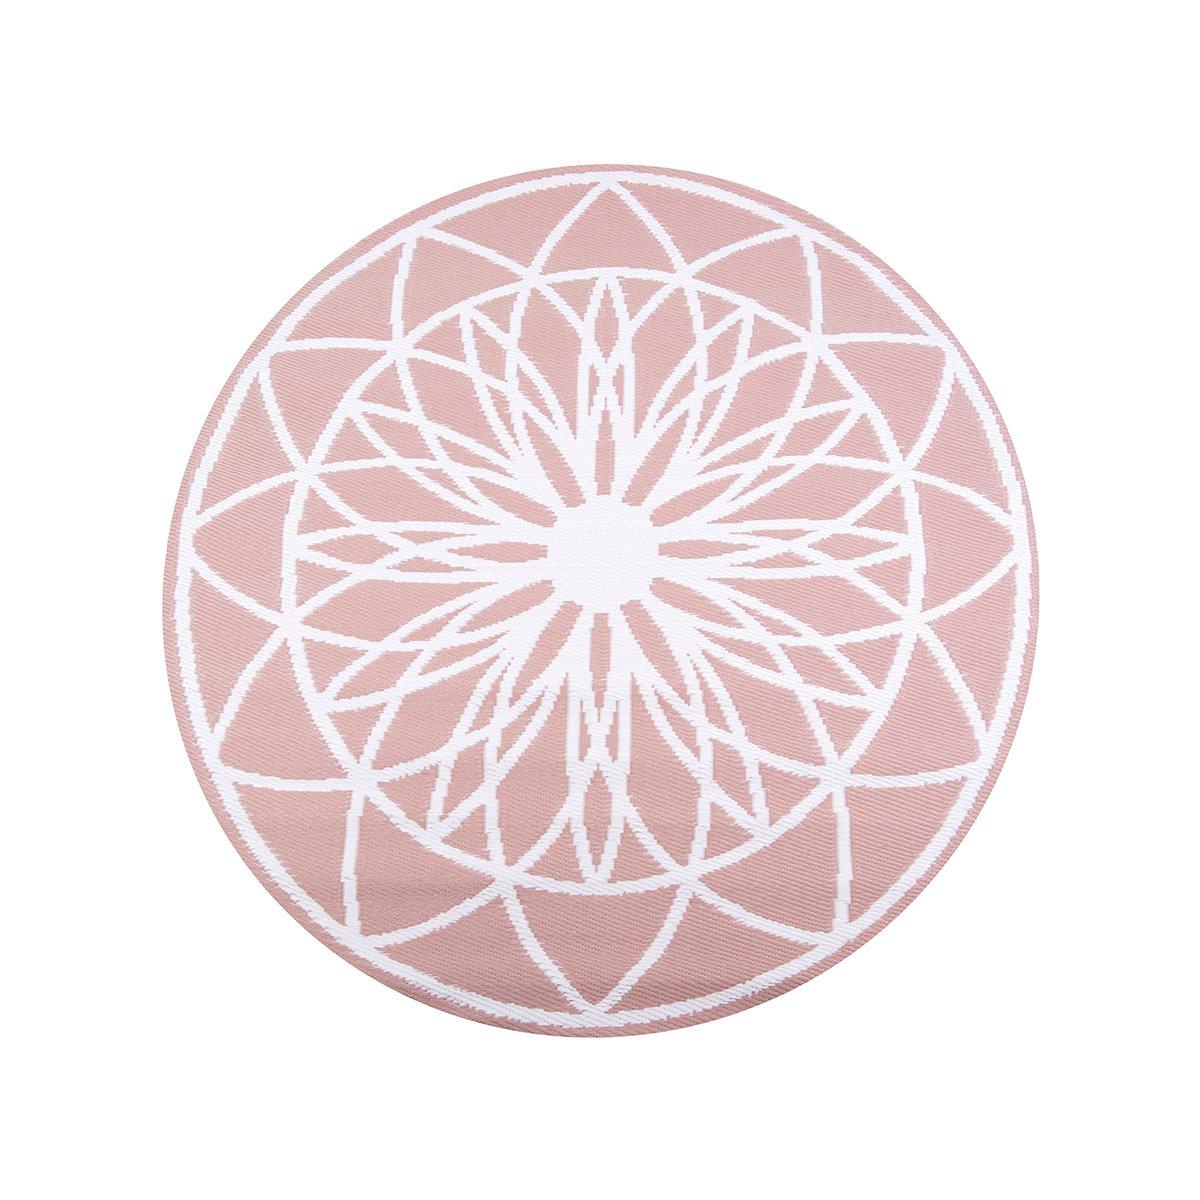 Růžový venkovní koberec Fairytale